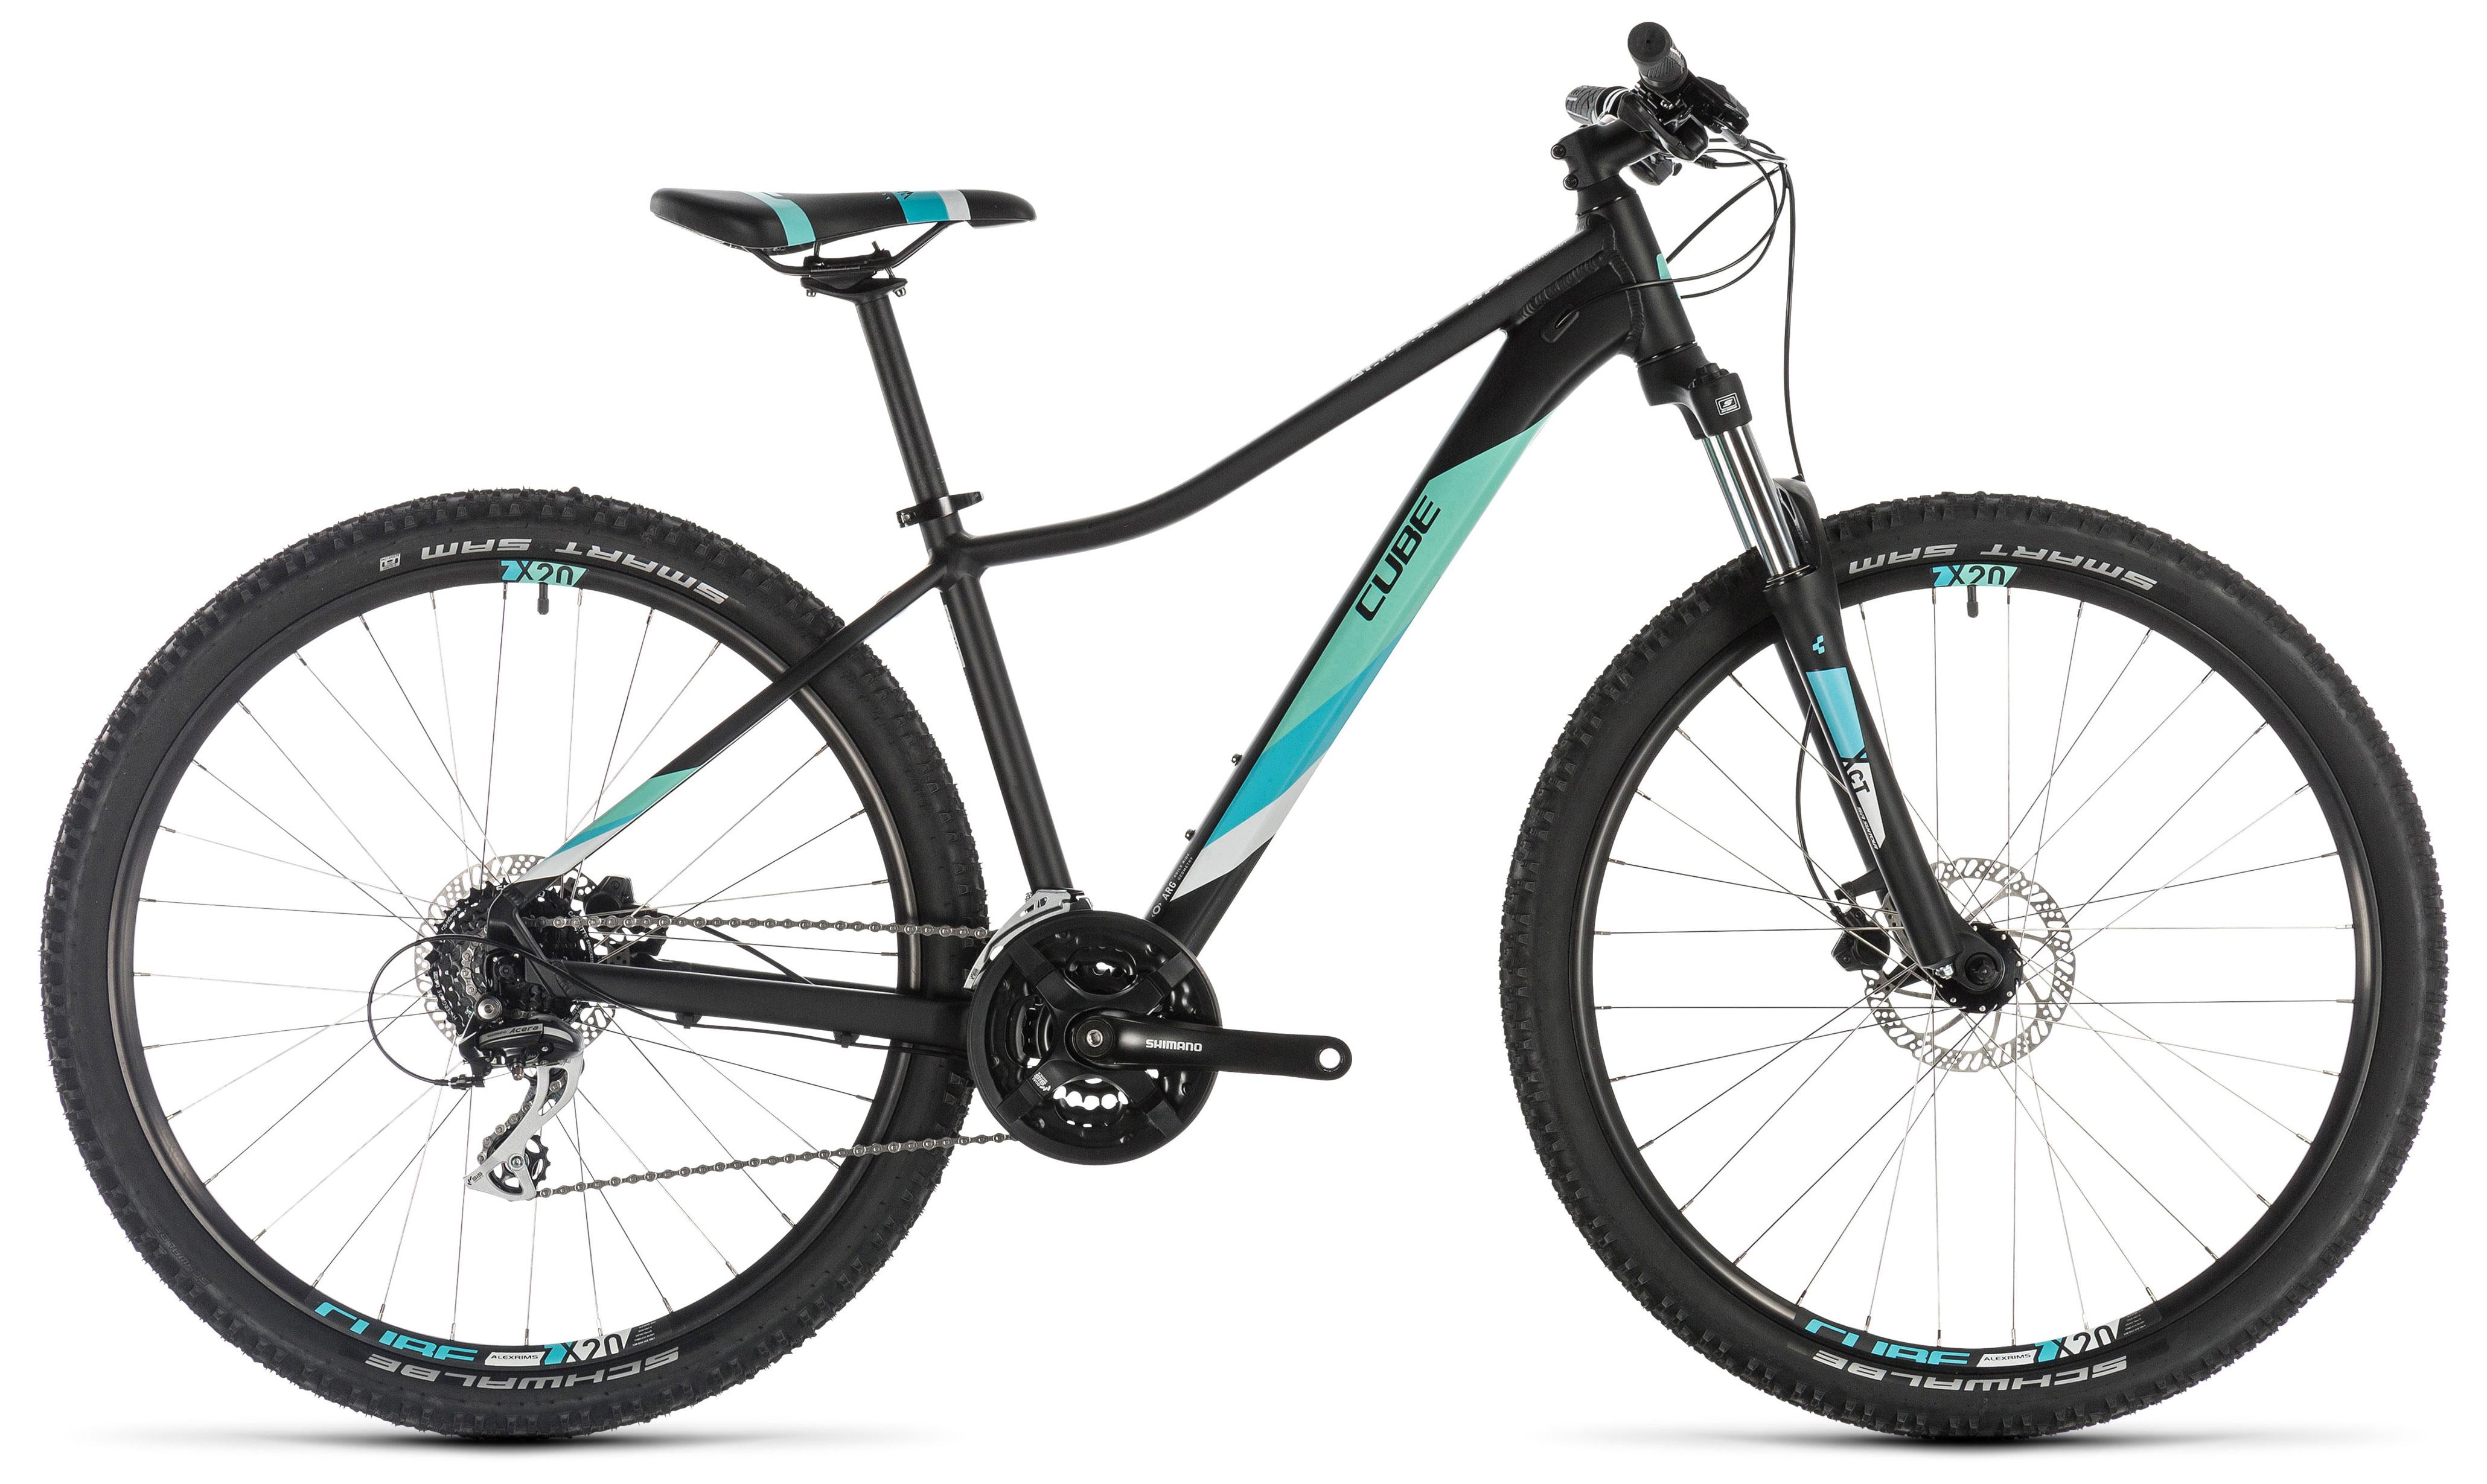 Велосипед Cube Access WS EAZ 29 2019 велосипед cube reaction hybrid race 500 29 2018